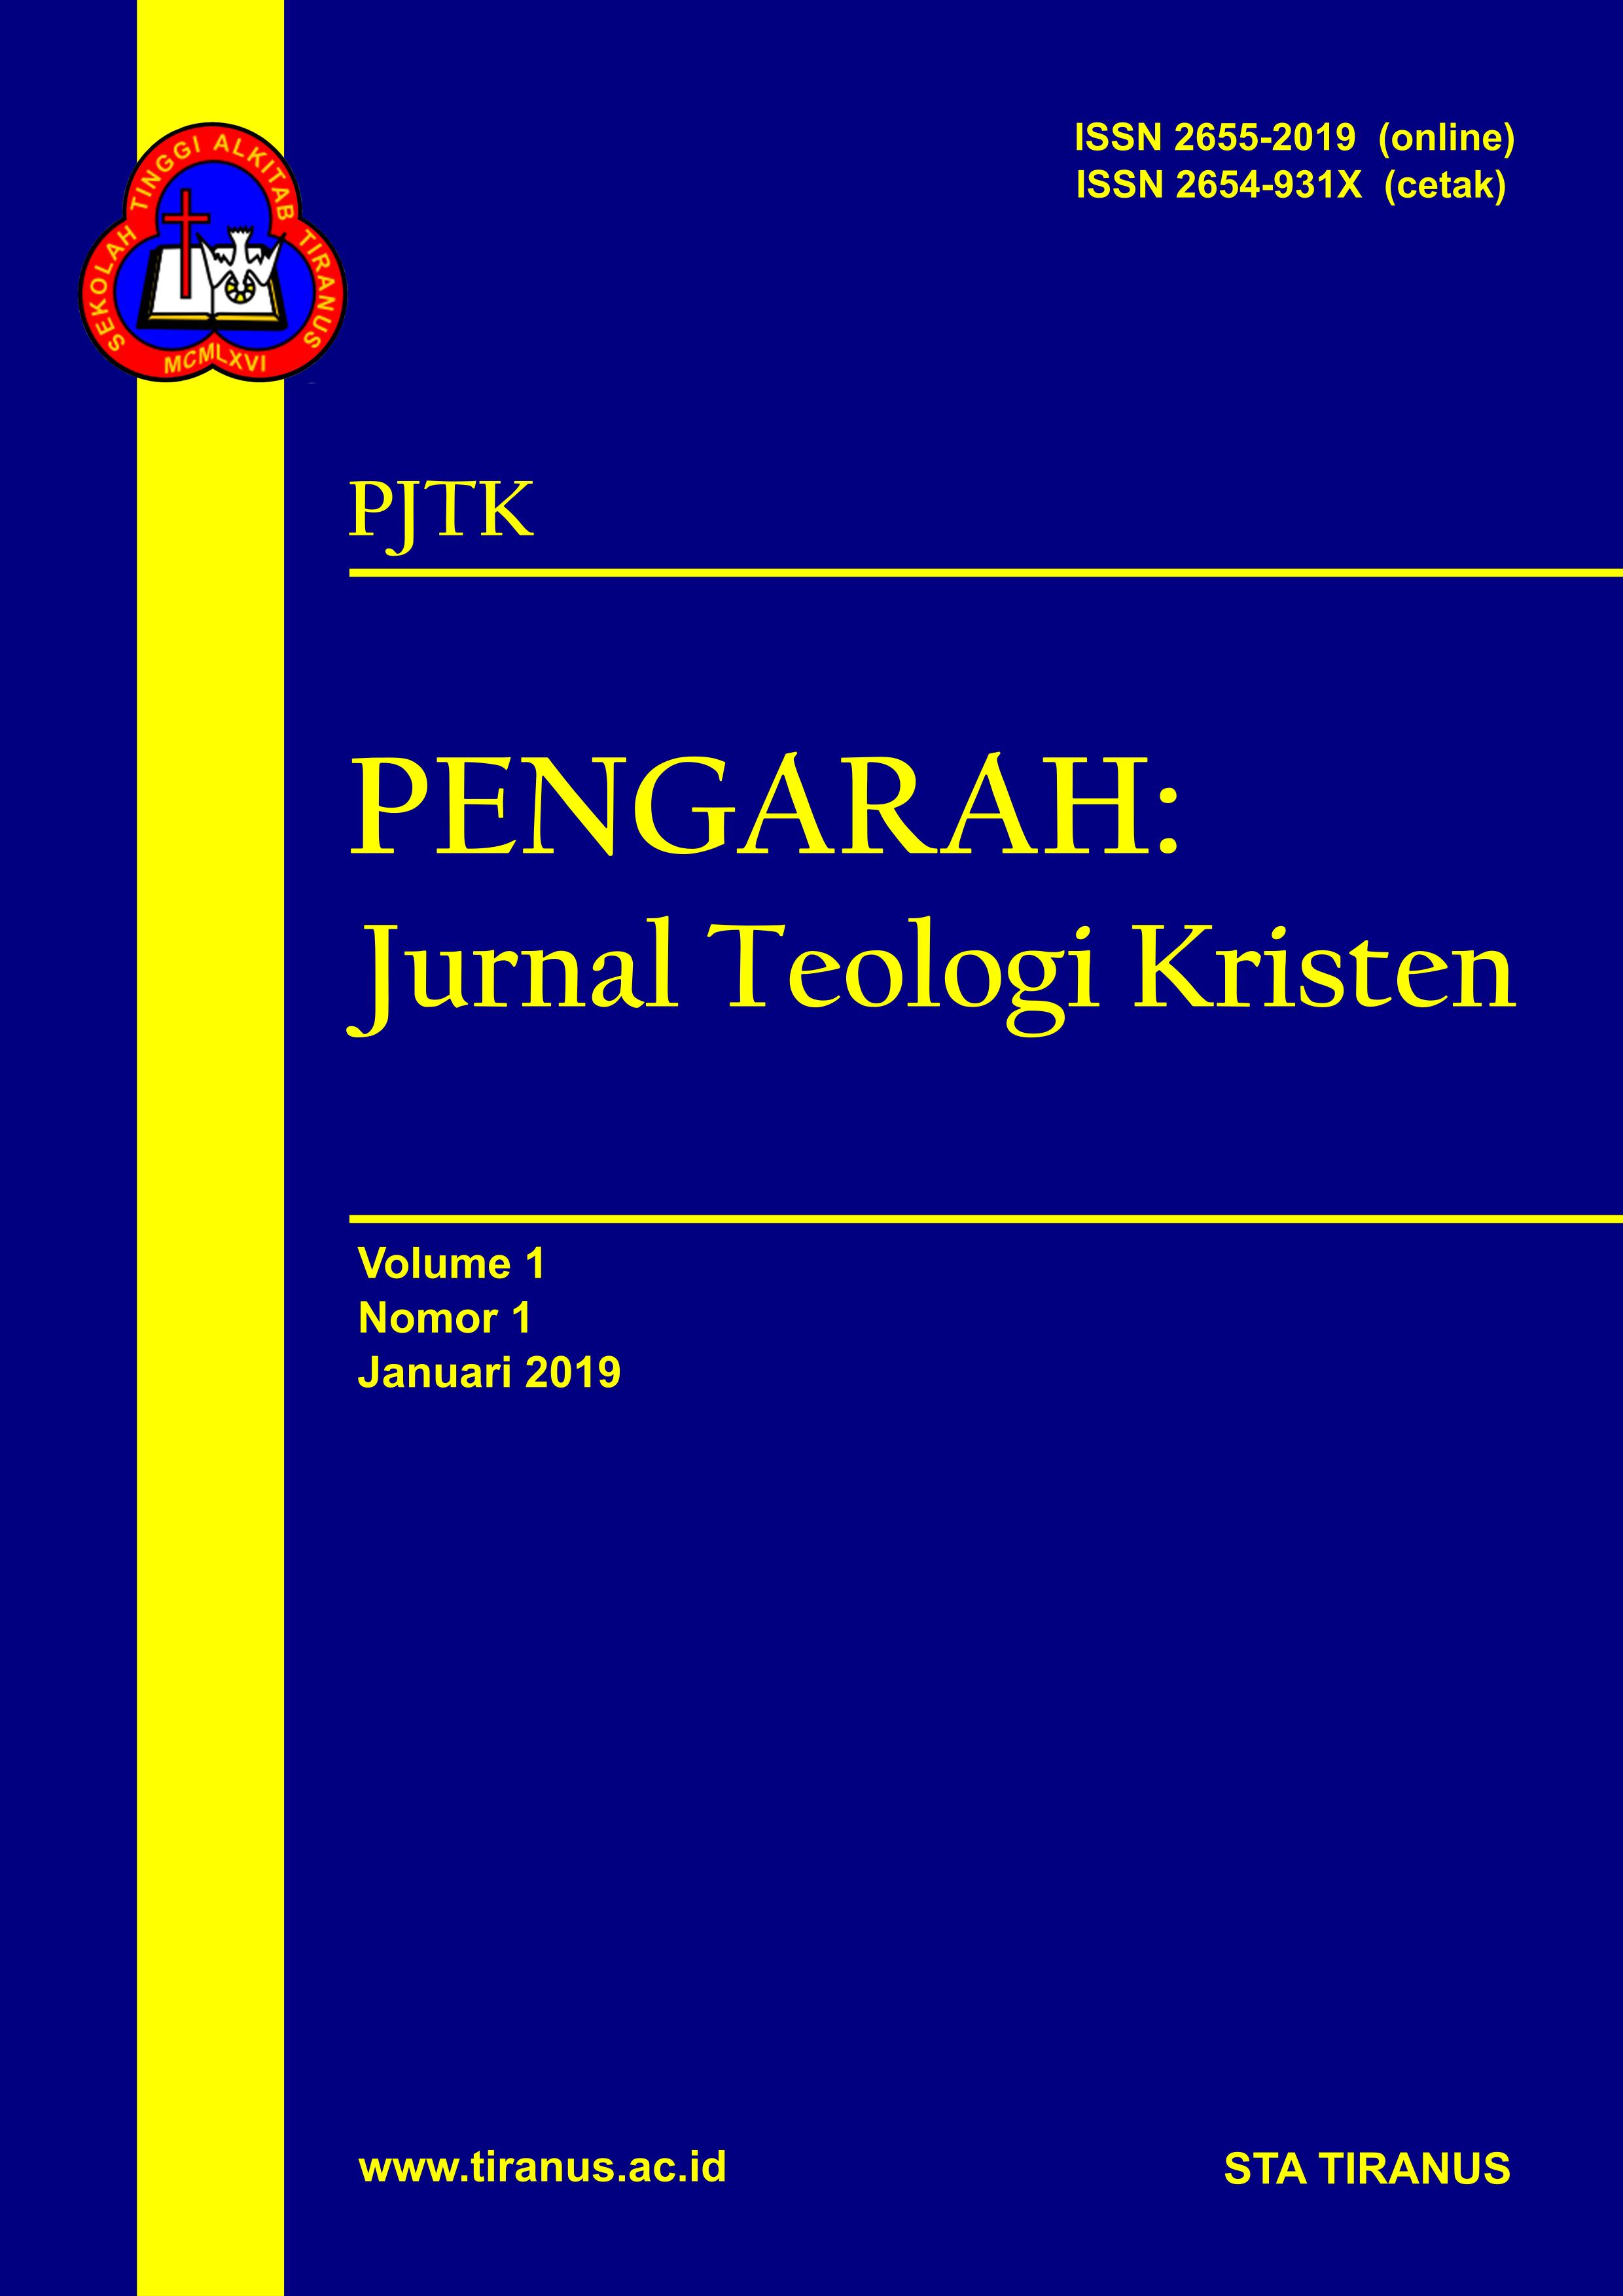 Pengarah adalah jurnal teologi yang diterbitkan oleh sekolah tinggi alkitab tiranus